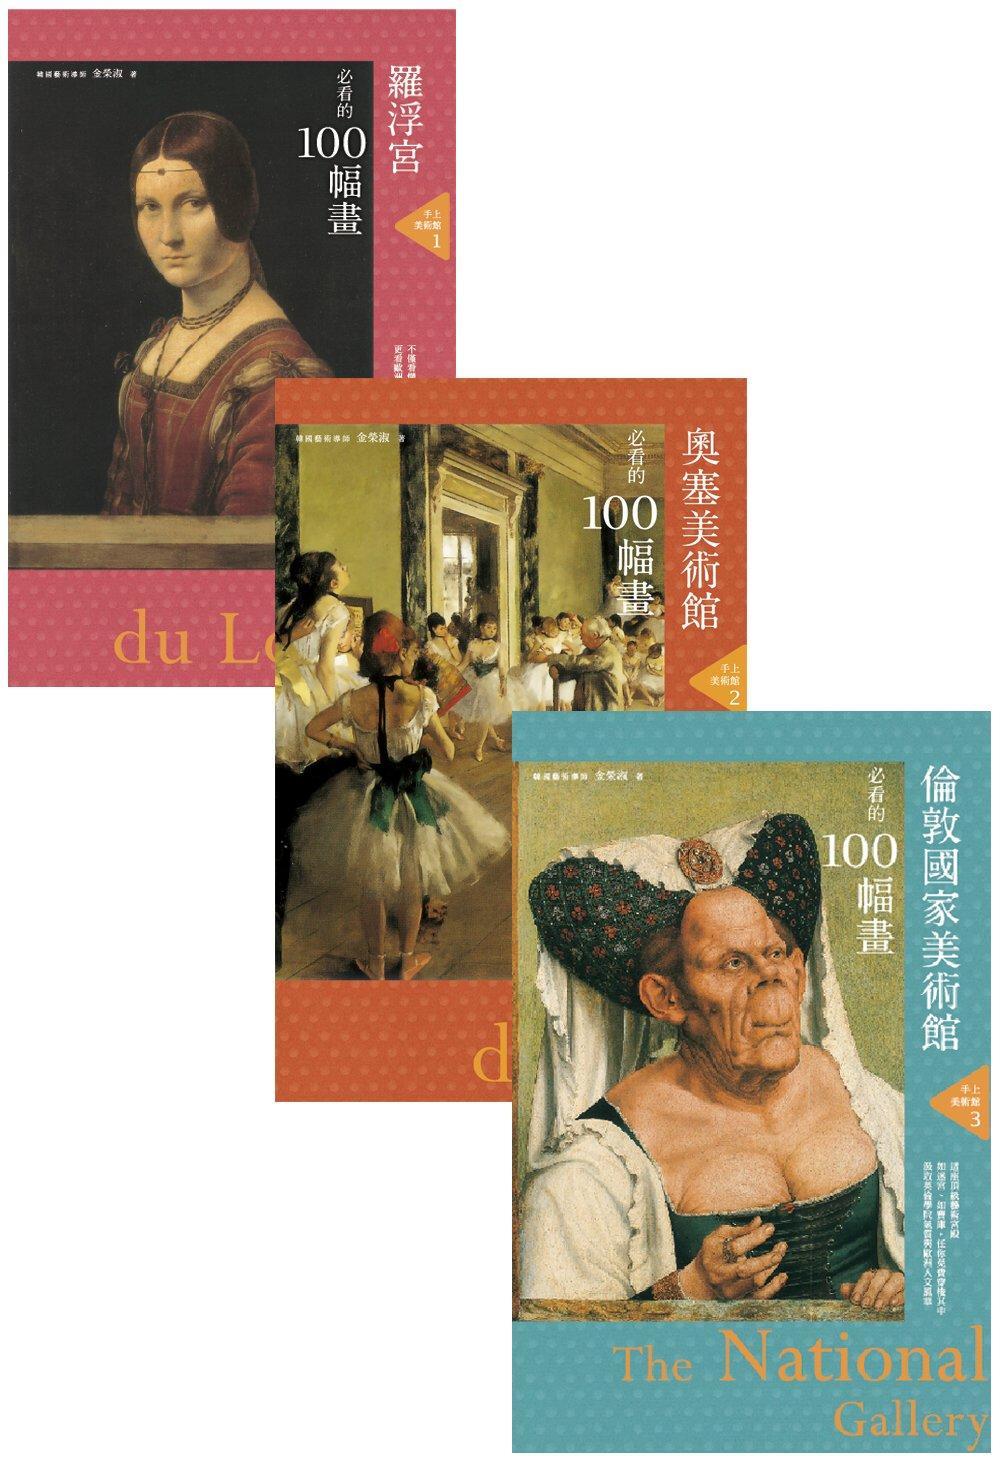 手上美術館套書,共三冊(1、羅浮宮/2、奧塞美術館/3、倫敦國家美術館:必看的100幅畫)